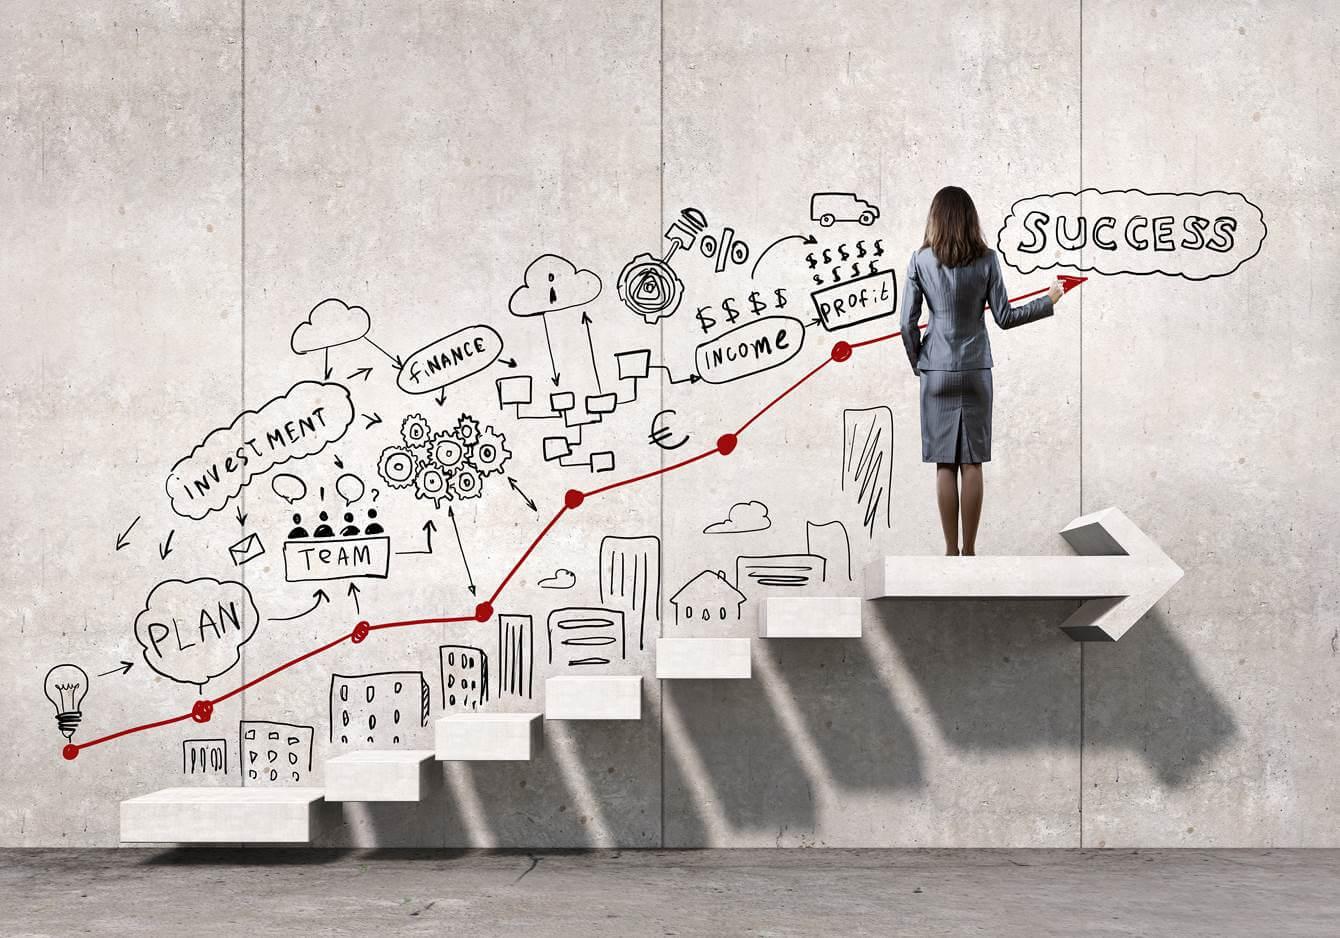 BtoB企業におけるWebマーケティングで成功するための4ステップ